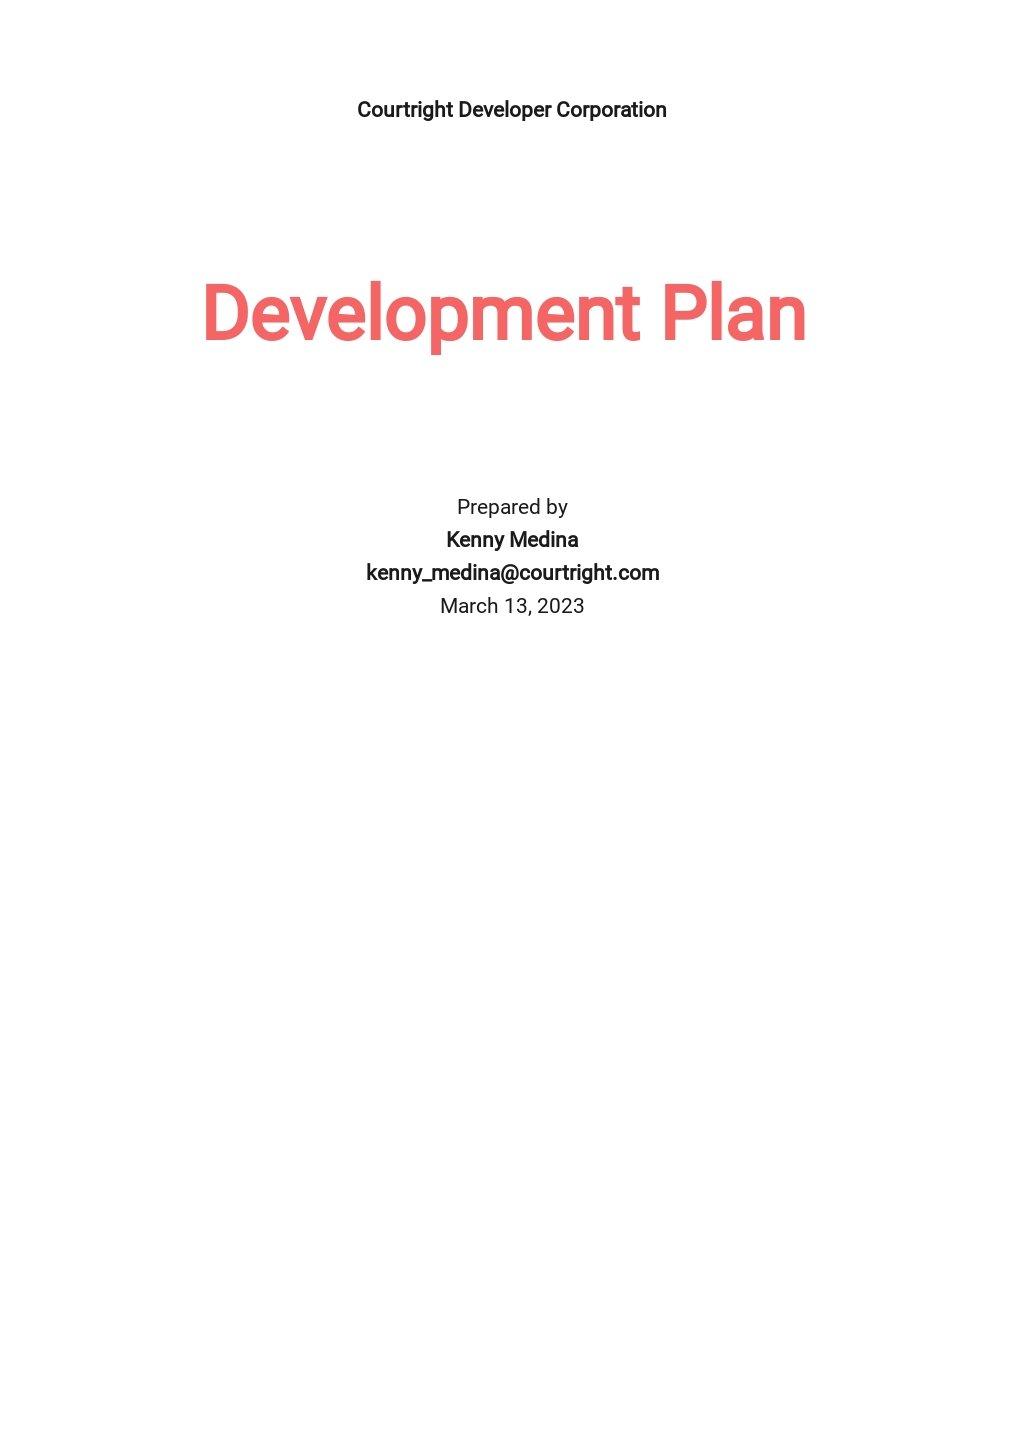 Development Plan Format Template